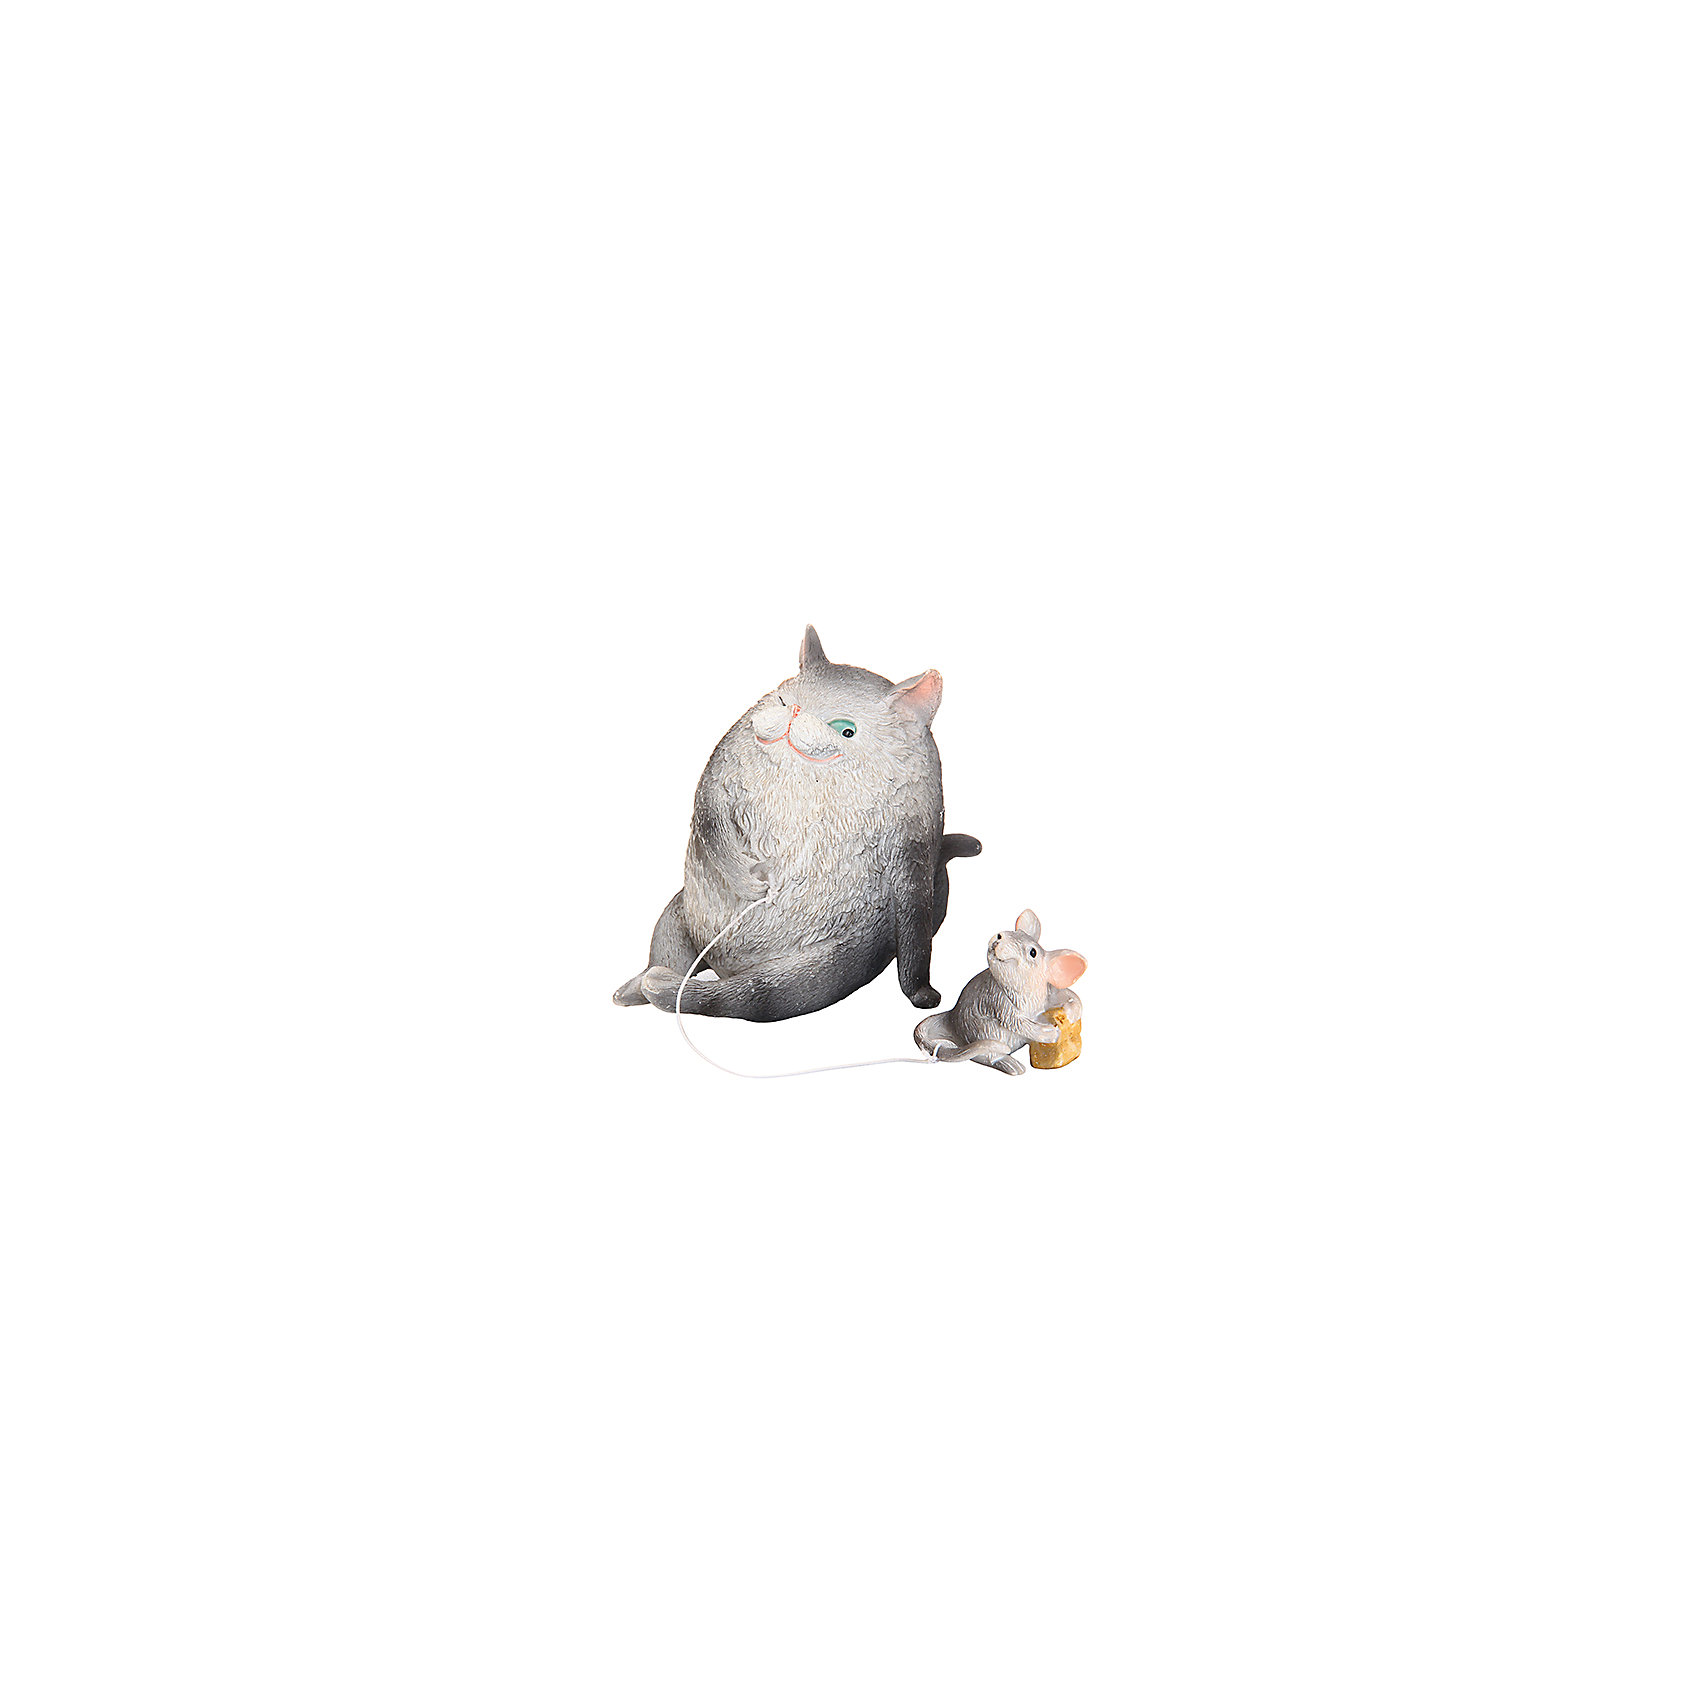 Фигурка декоративная Кошки-мышки, Elan GalleryПредметы интерьера<br>Фигурка декоративная  Elan Gallery 6*8*8 см. Кошки-мышки, Elan Gallery Декоративные фигурки - это отличный способ разнообразить внутреннее убранство вашего дома. Размер  6х8х8 см.<br><br>Ширина мм: 113<br>Глубина мм: 93<br>Высота мм: 108<br>Вес г: 278<br>Возраст от месяцев: 0<br>Возраст до месяцев: 1188<br>Пол: Унисекс<br>Возраст: Детский<br>SKU: 6668984